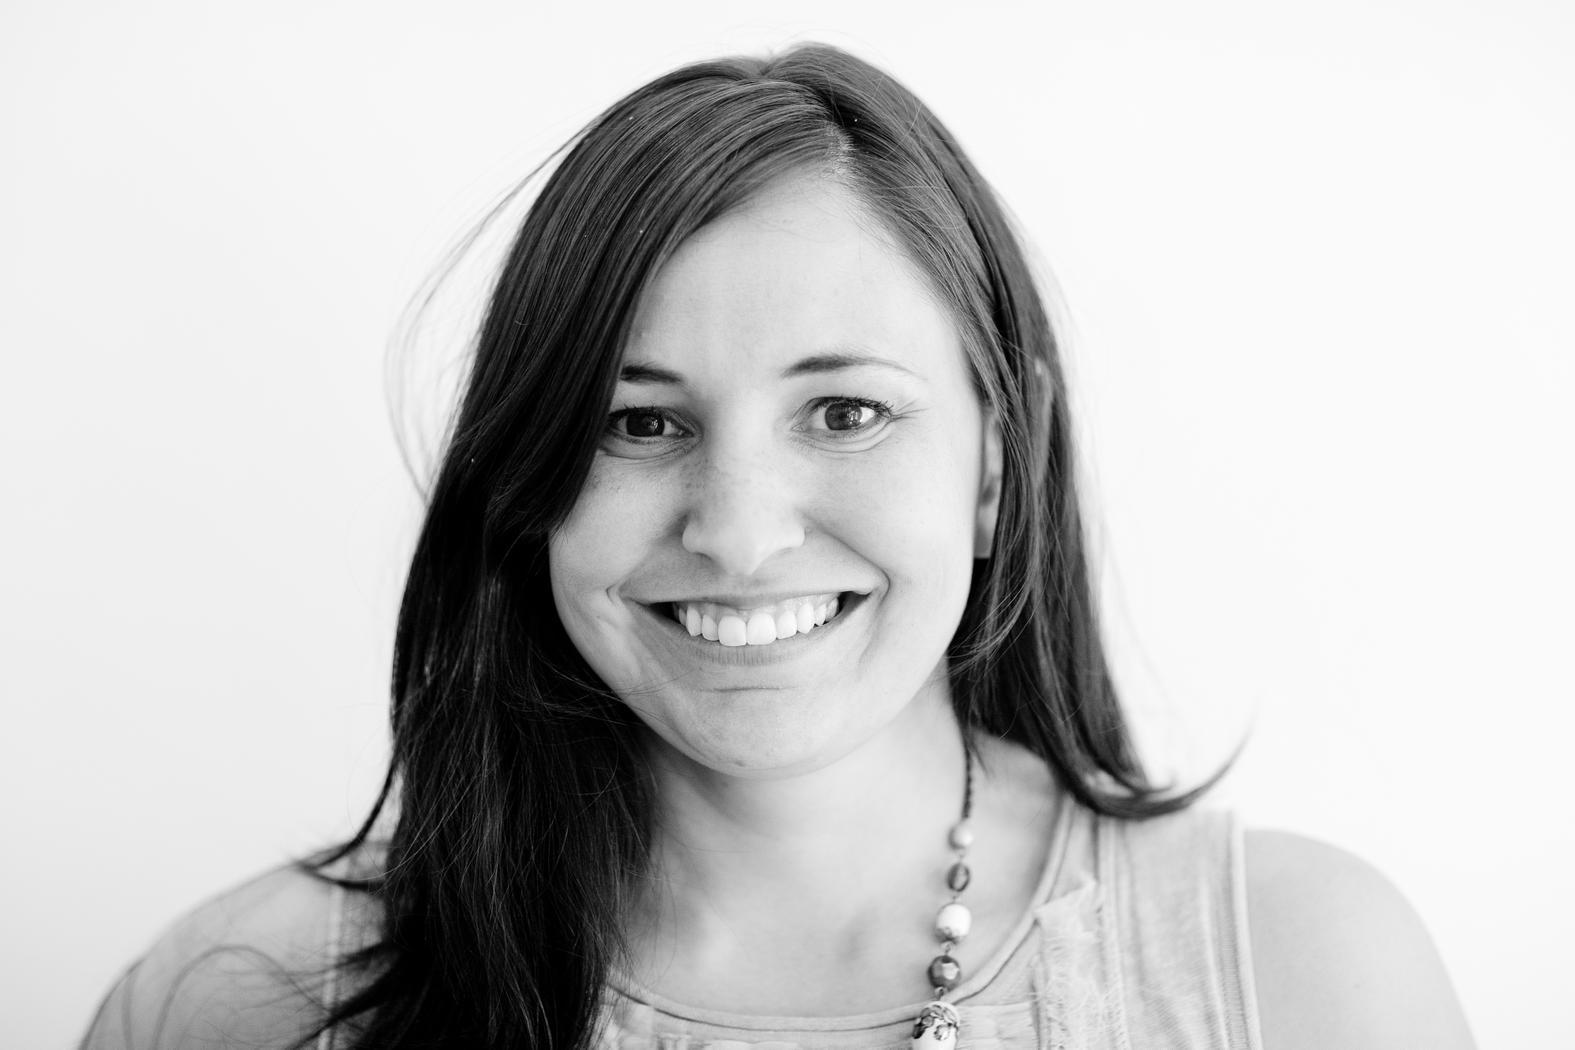 Vanessa Garey